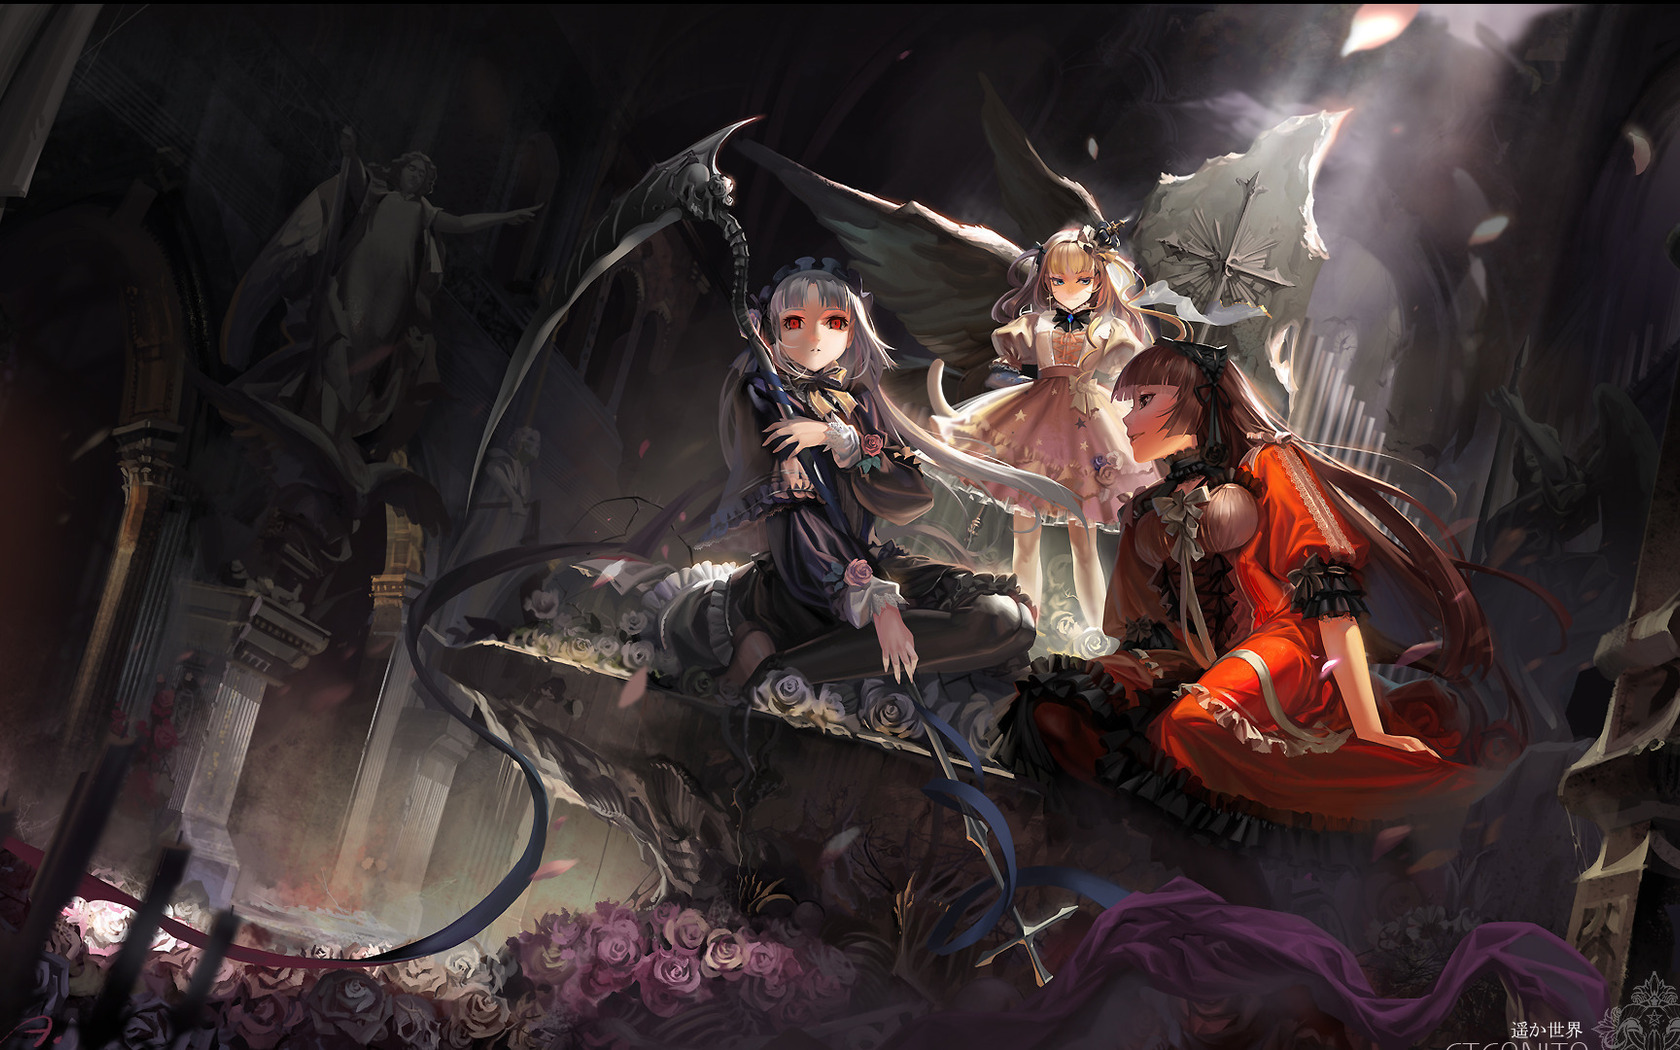 Anime scythe girl